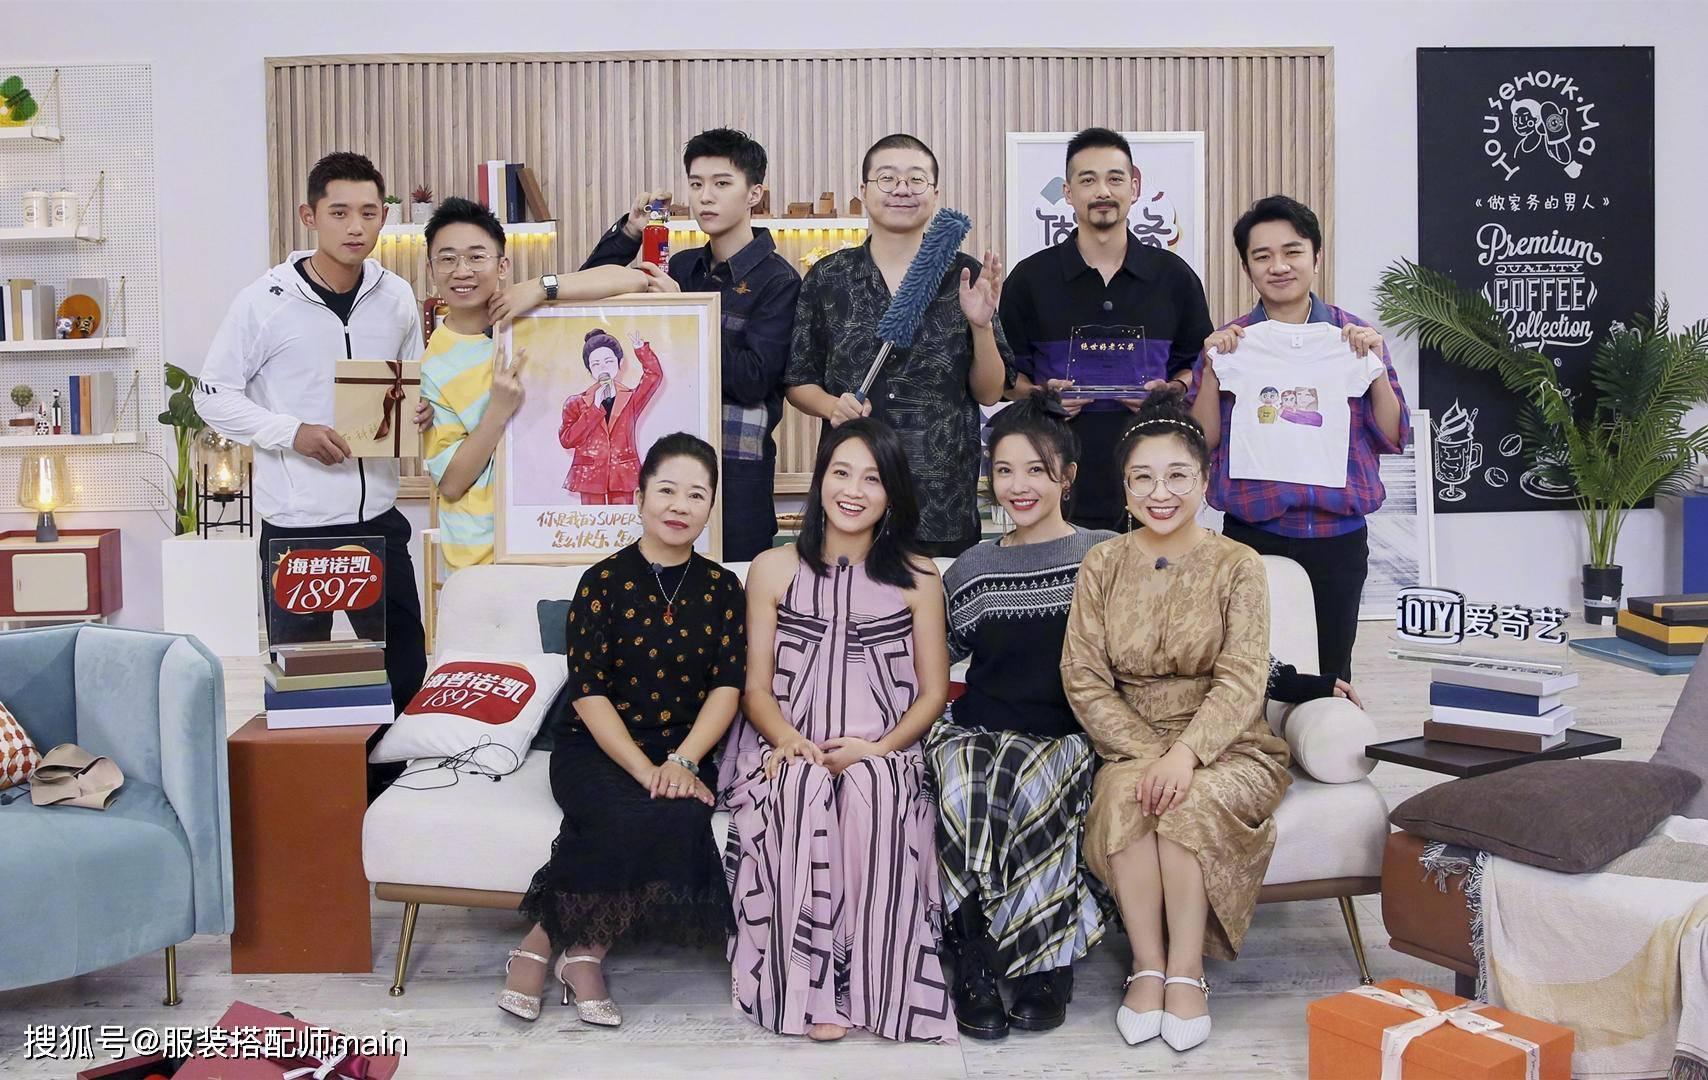 原创             朱丹无疑是二胎孕妈的穿搭典范,穿紫色长裙巧遮孕肚,优雅又显瘦